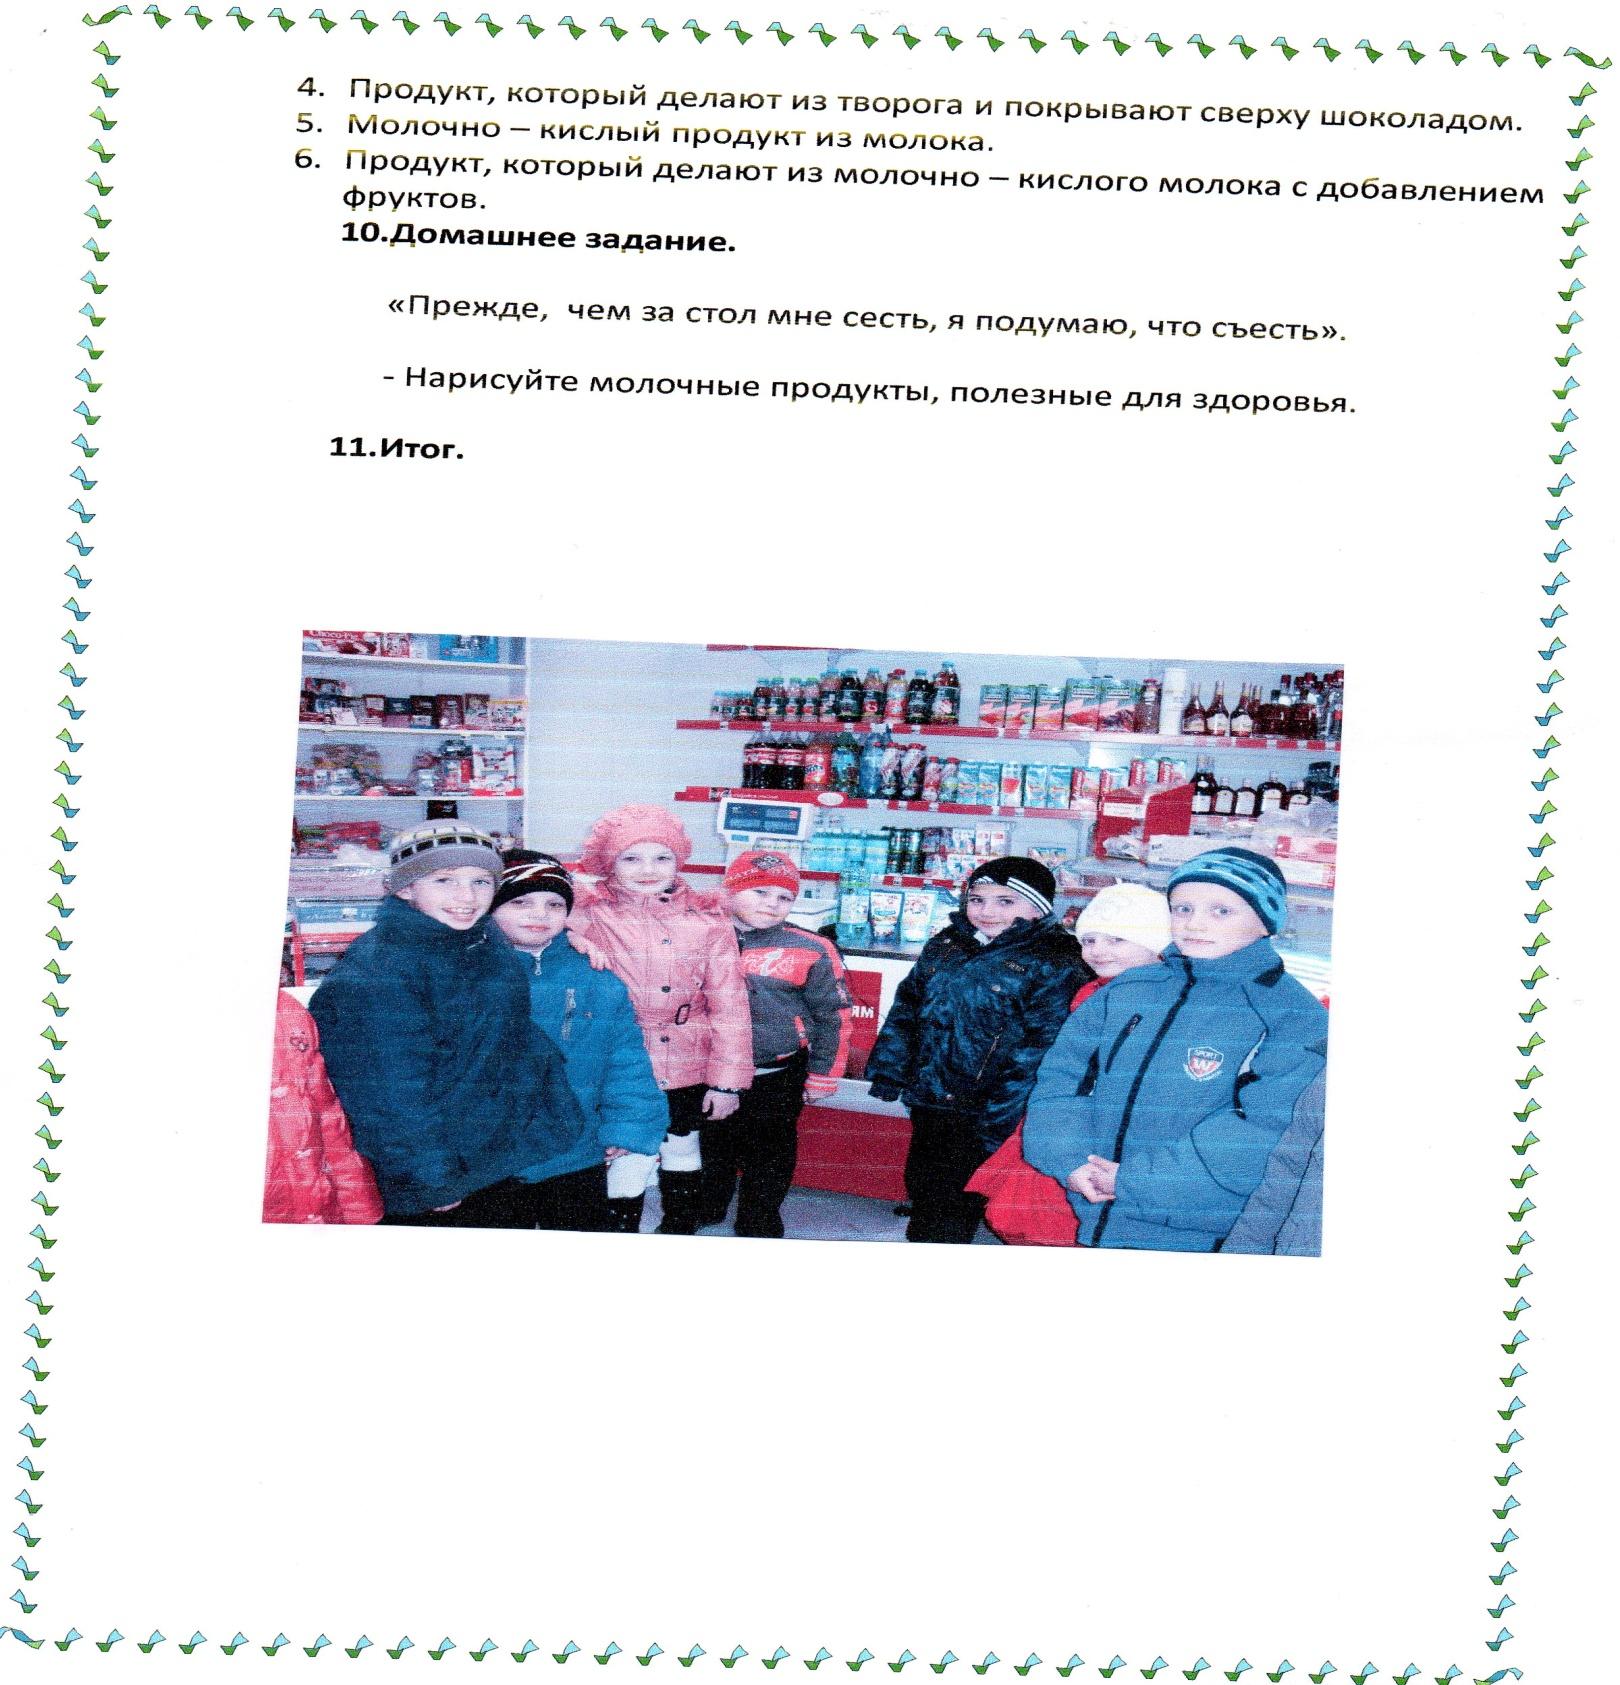 C:\Documents and Settings\Admin\Мои документы\Мои рисунки\img167.jpg